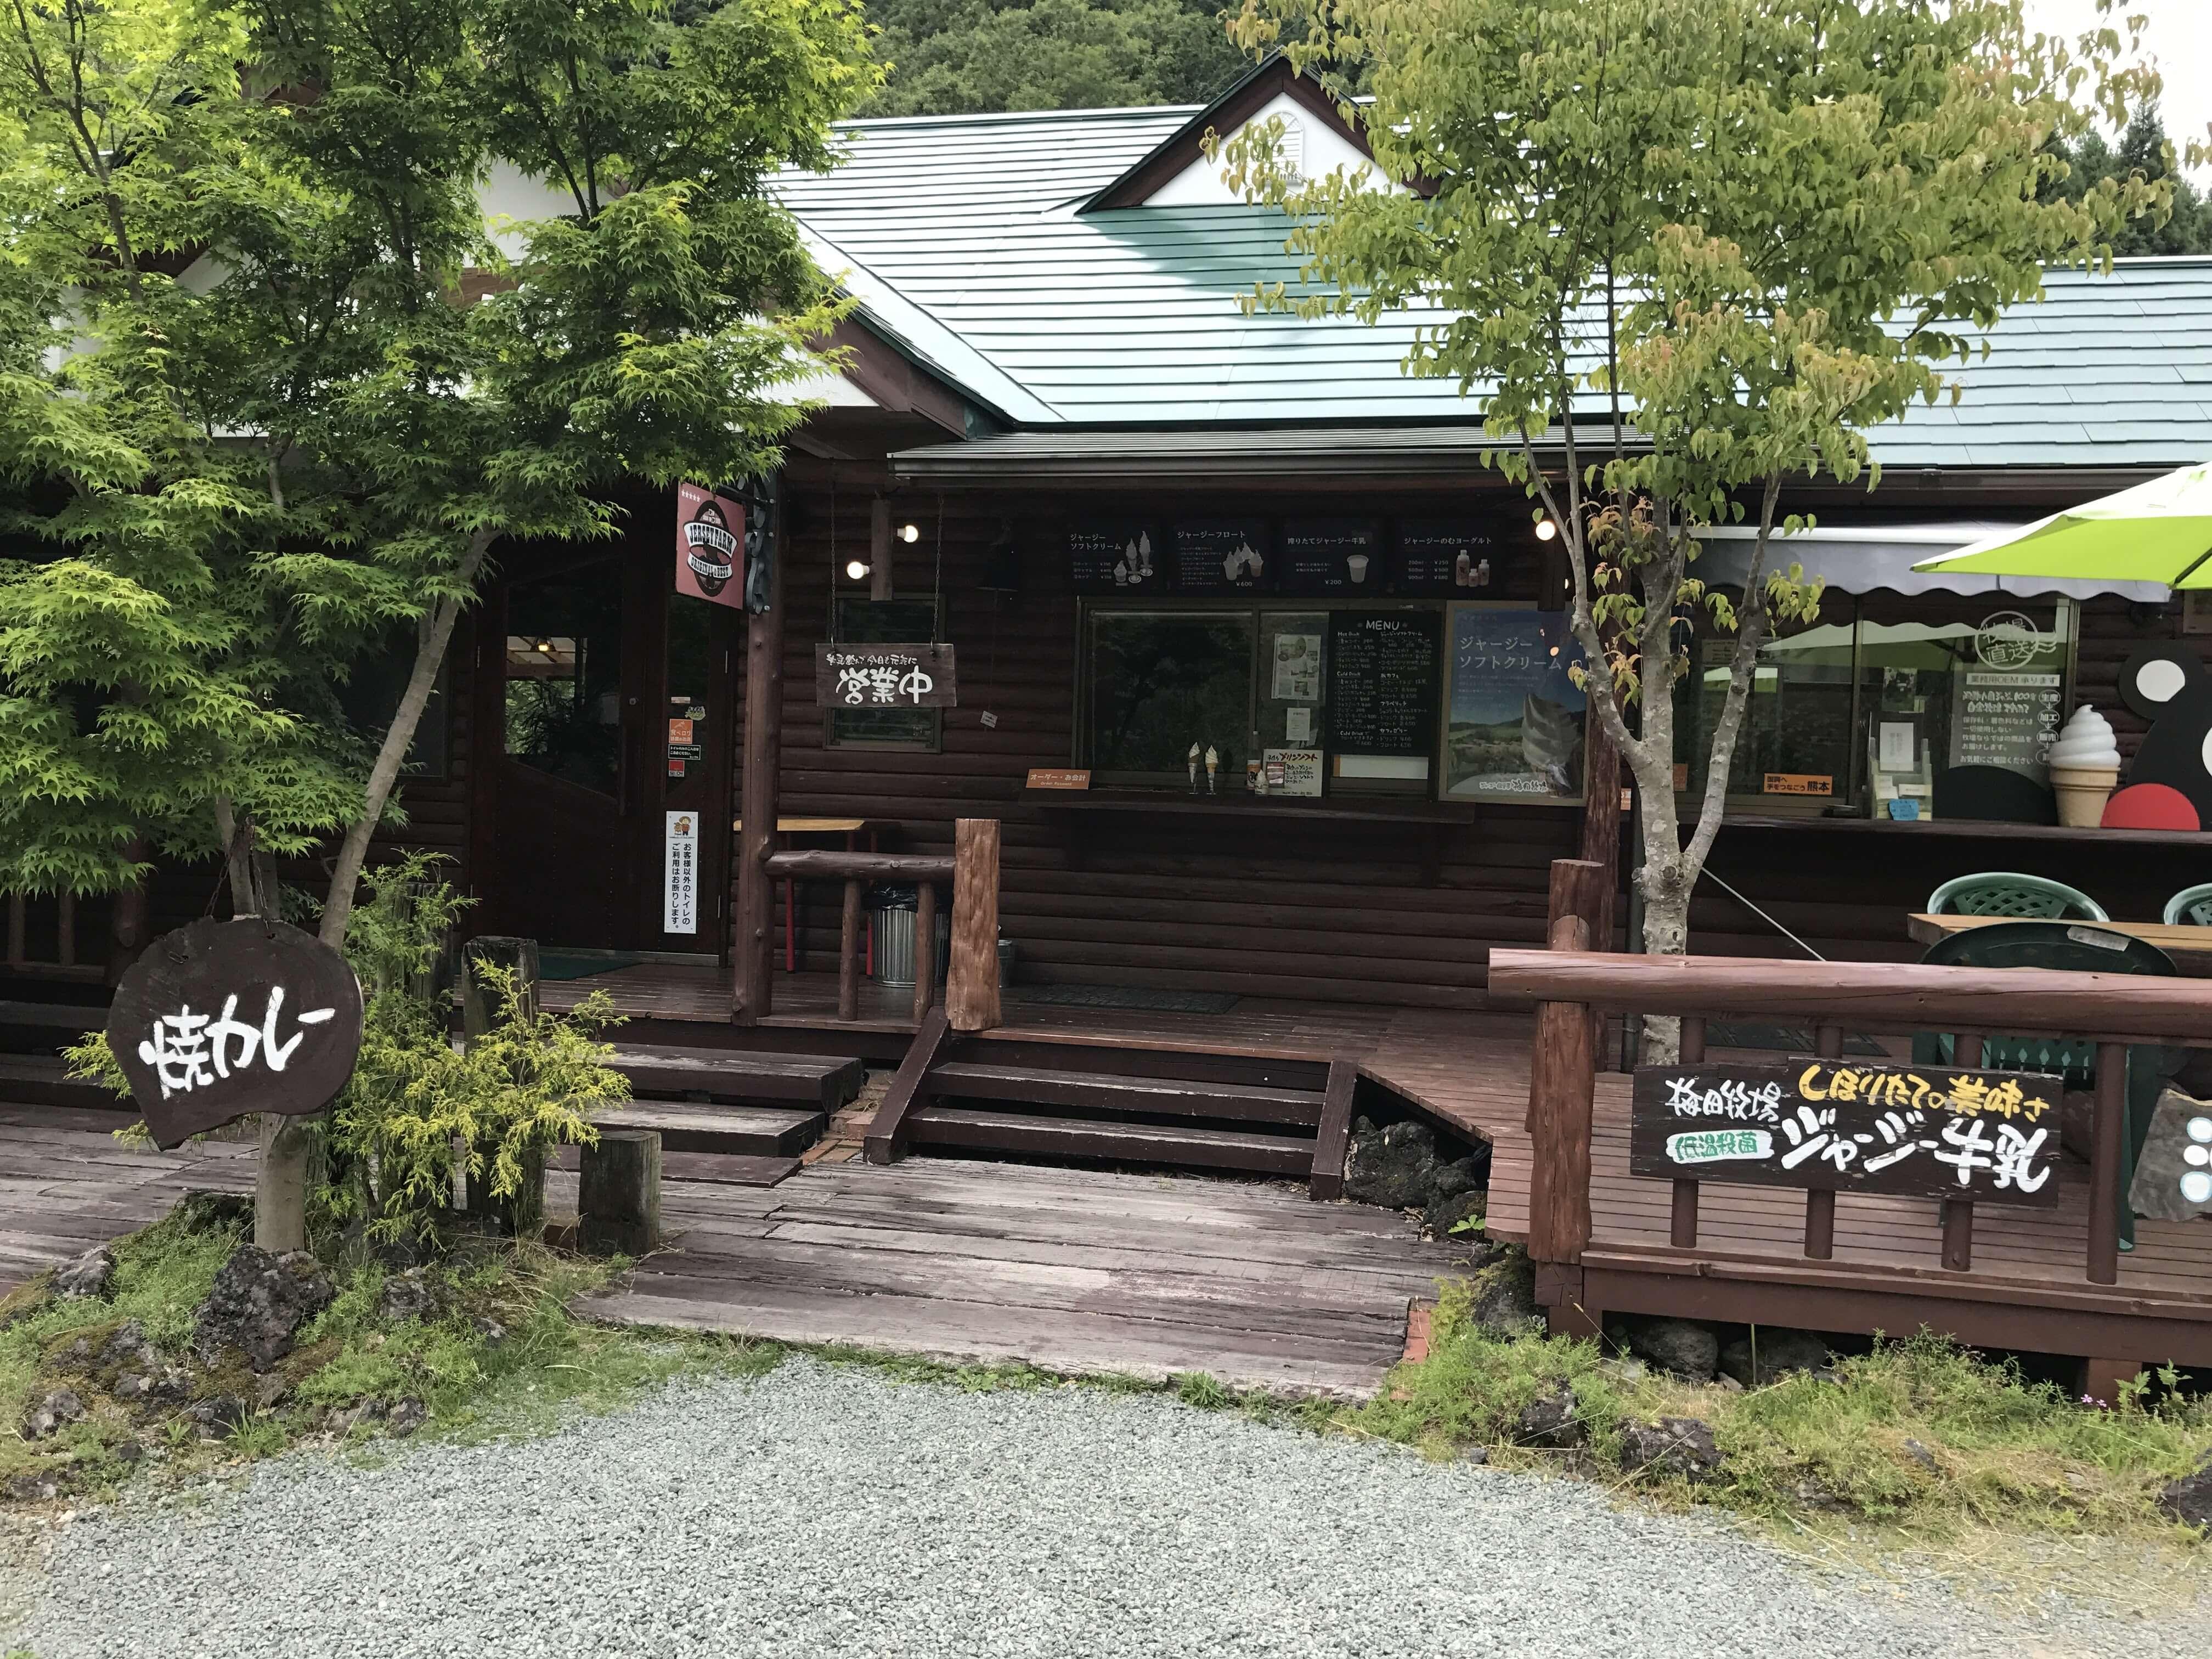 【農家レストランカップル】夏のデートにもおすすめ!阿蘇小国エリアで一番ソフトクリームがうまいのはここだ。